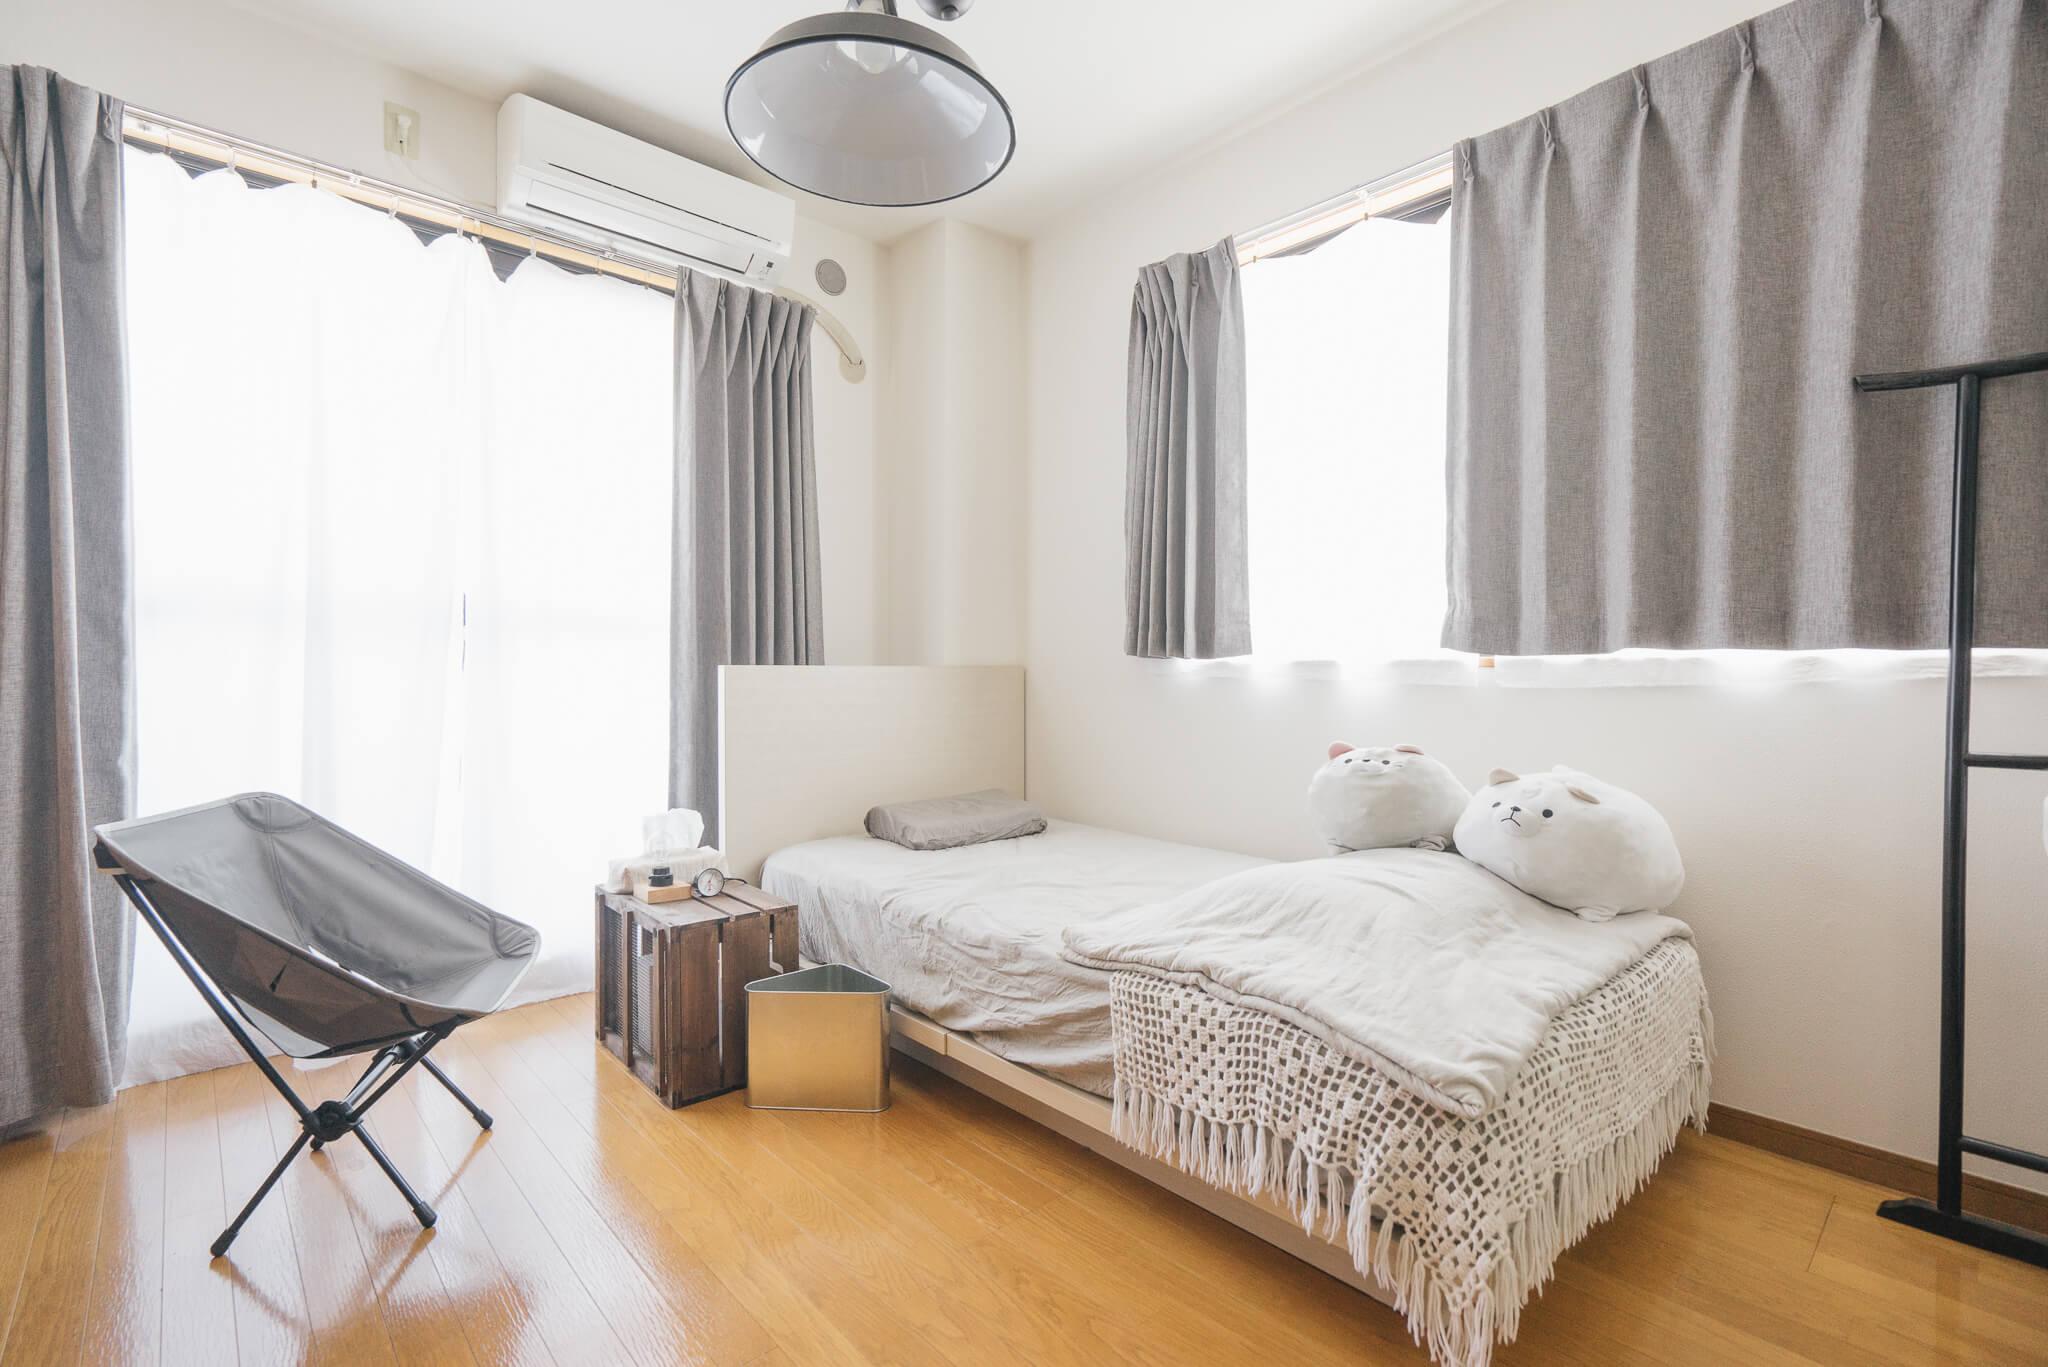 ベッド以外にあまり大きな家具がないので、床がすっきり。